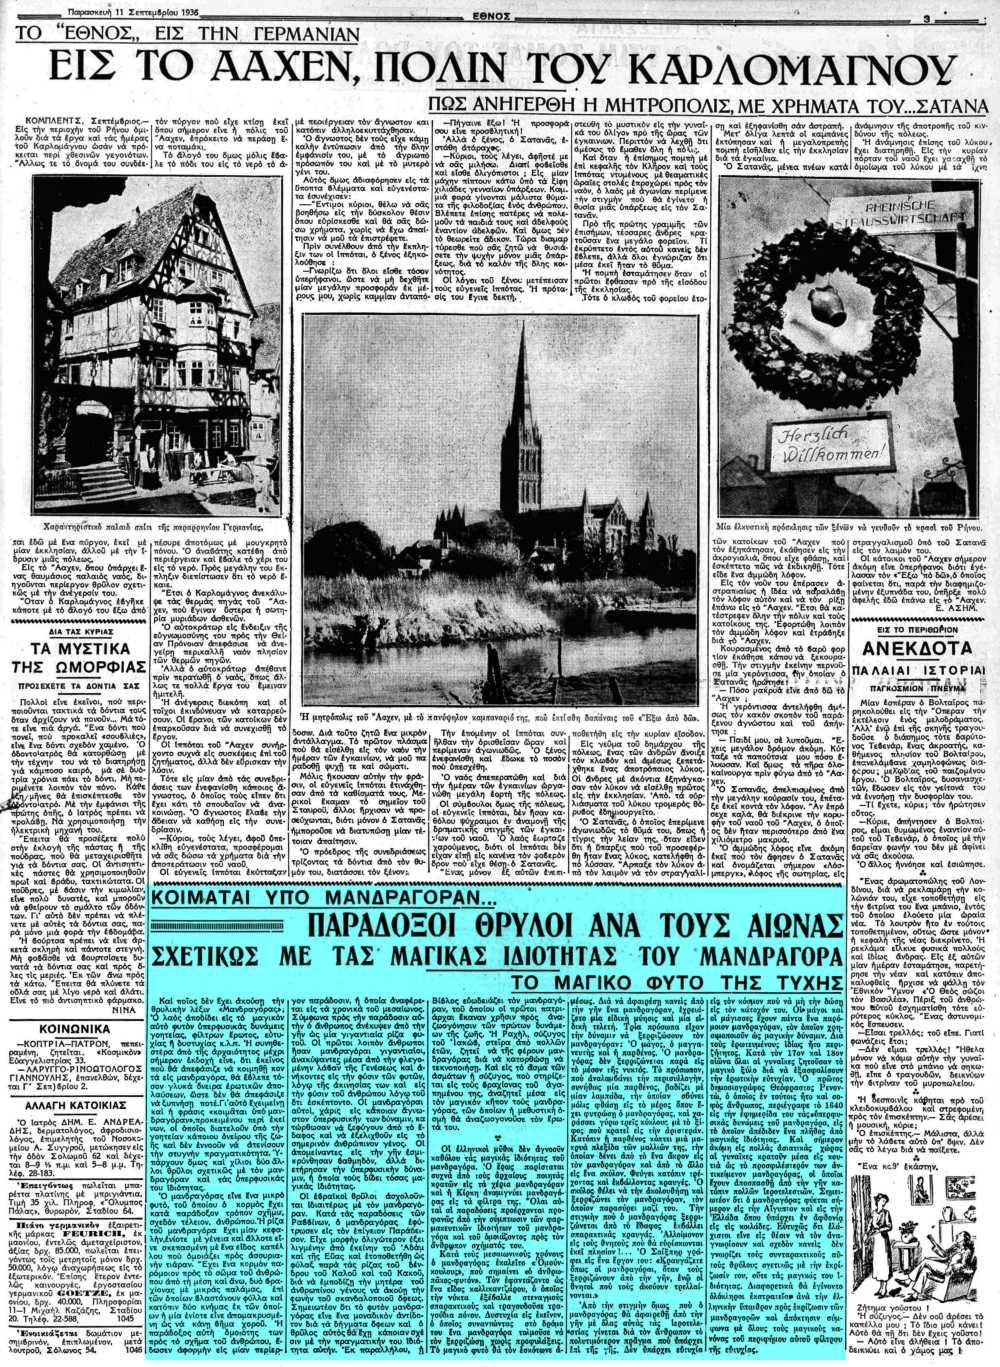 """Το άρθρο, όπως δημοσιεύθηκε στην εφημερίδα """"ΕΘΝΟΣ"""", στις 11/09/1936"""